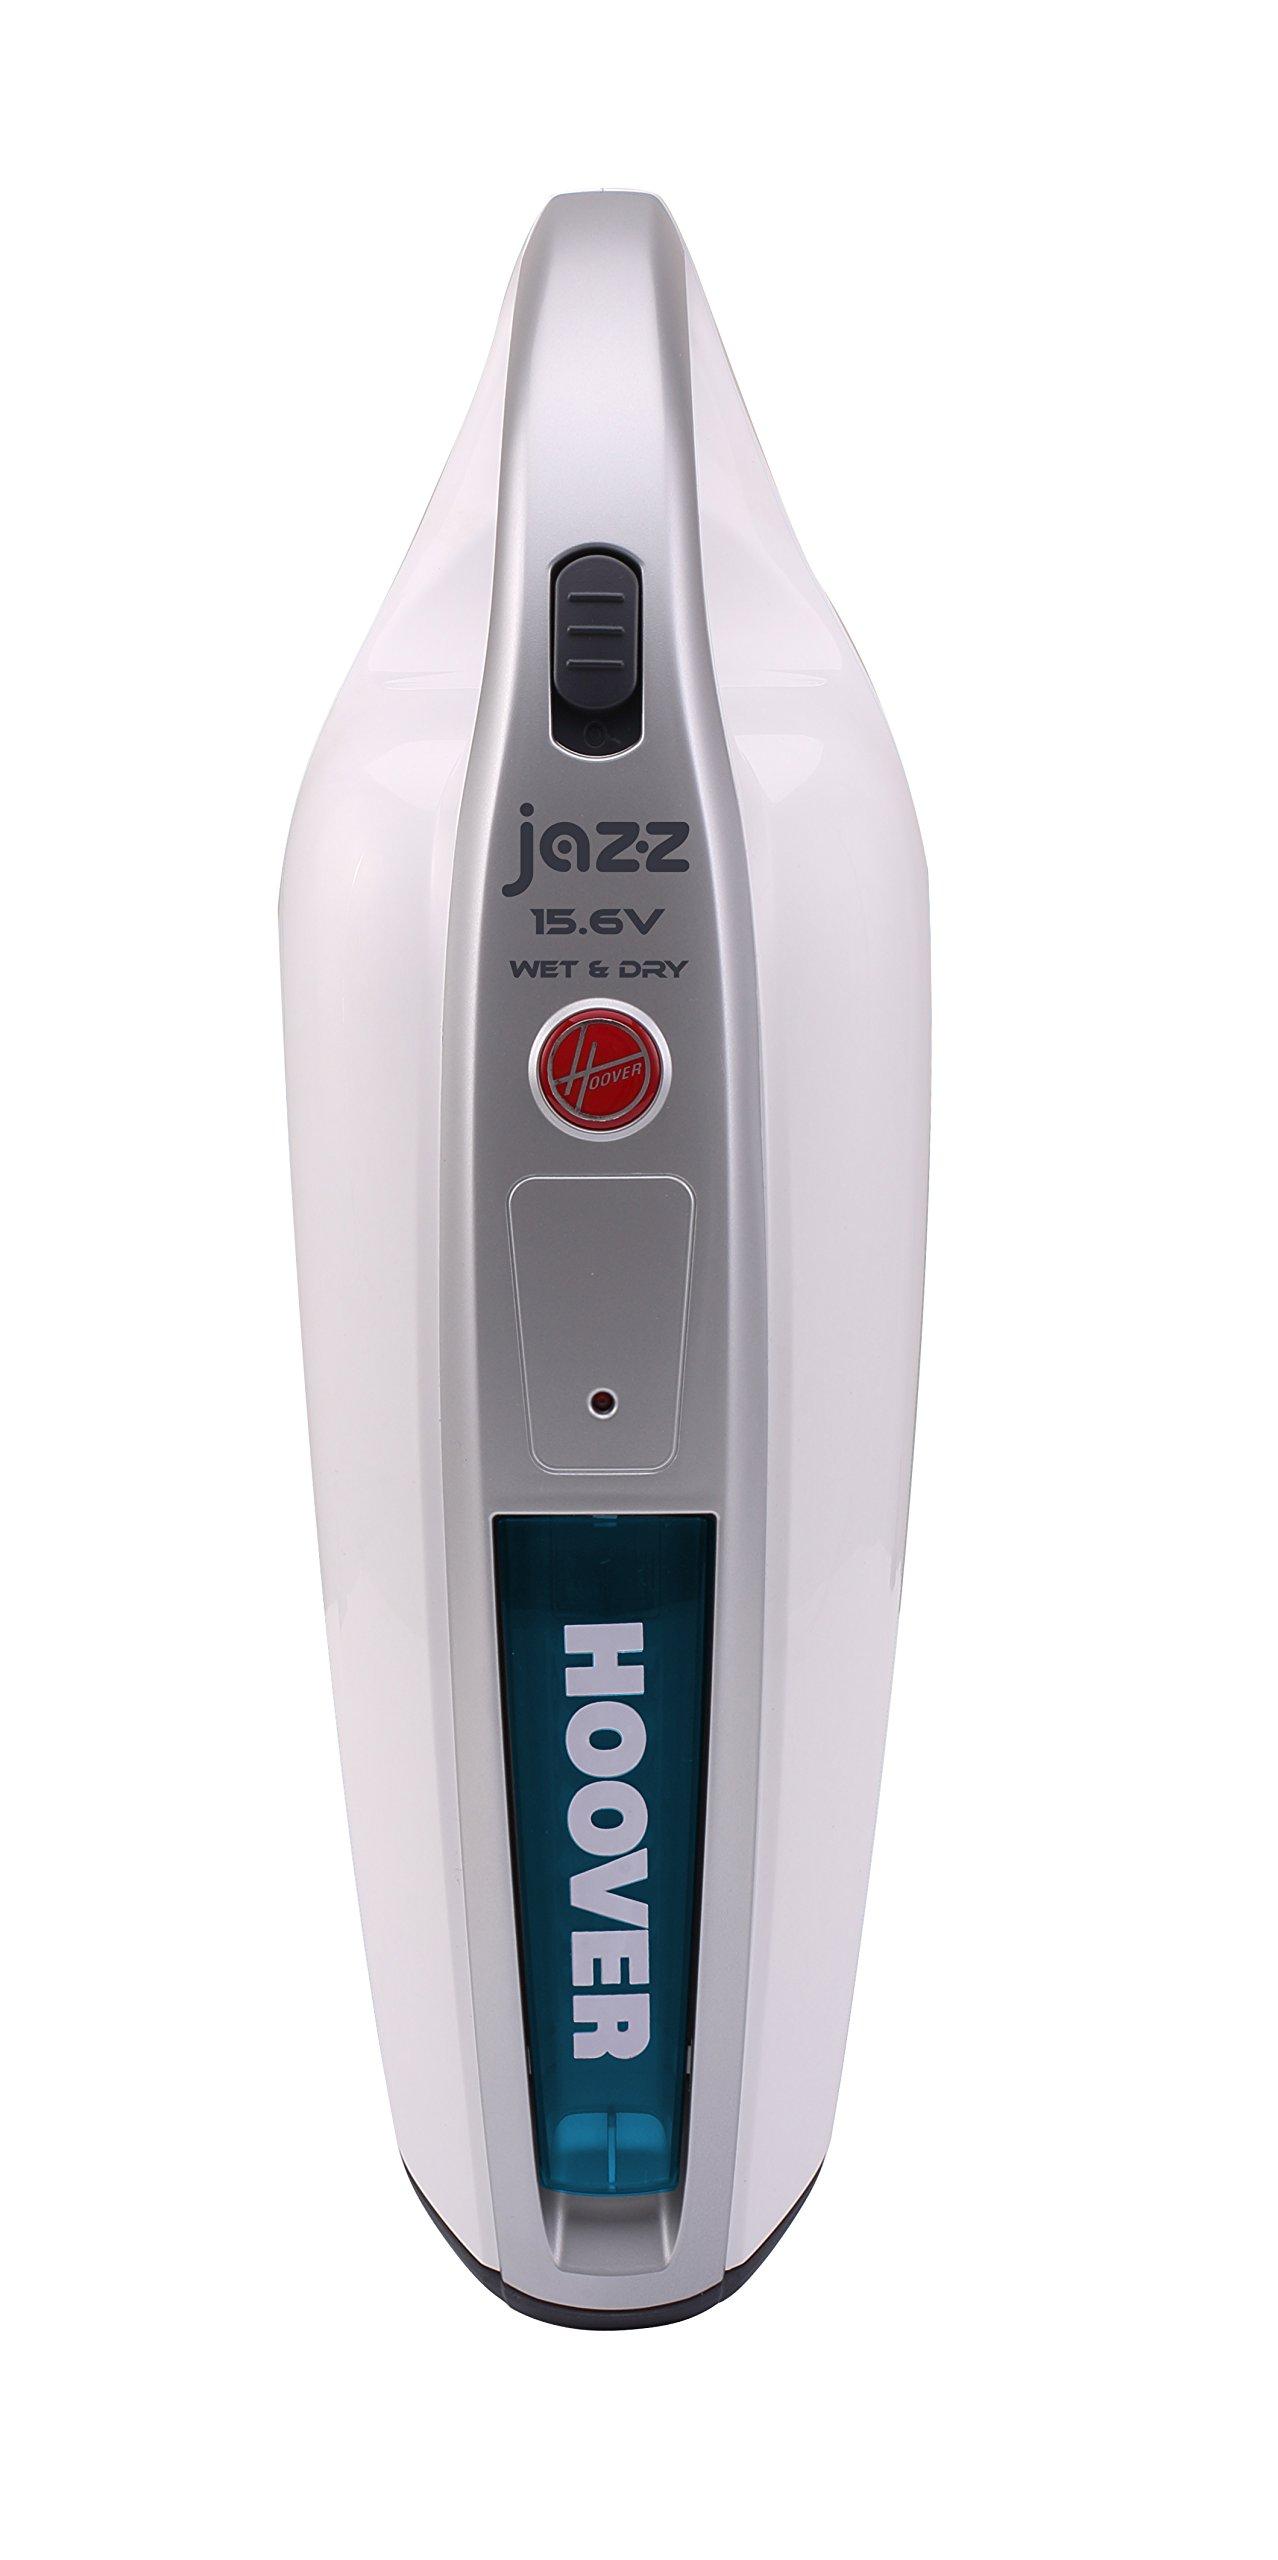 Hoover Jazz SM156WDP4 Aspirador de Mano - Sólidos y Líquidos - Autonomía 18 minutos - Potencia 15,6 V, 15.6 W, 0.2 litros, Plástico, Azul: Amazon.es: Hogar